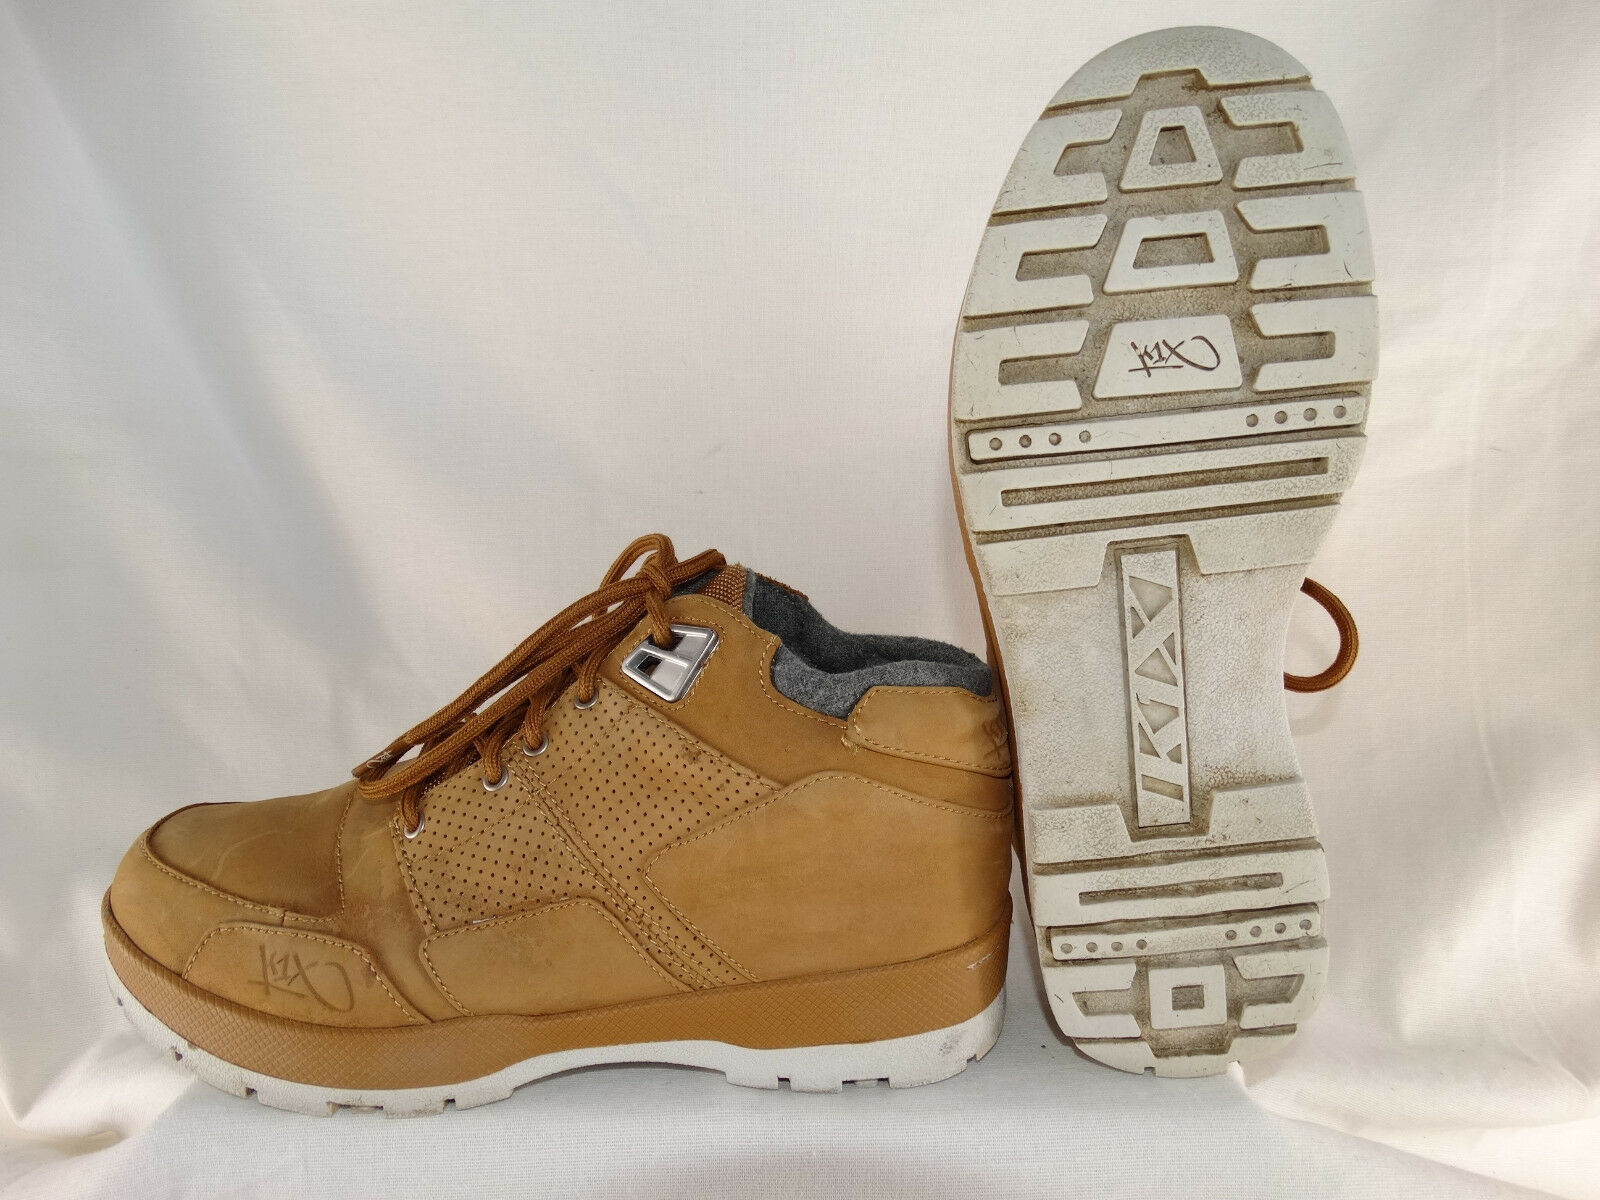 K1X H1ke Stiefel Hiking Stiefel gefüttert hellbraun US 8,5 EU 42